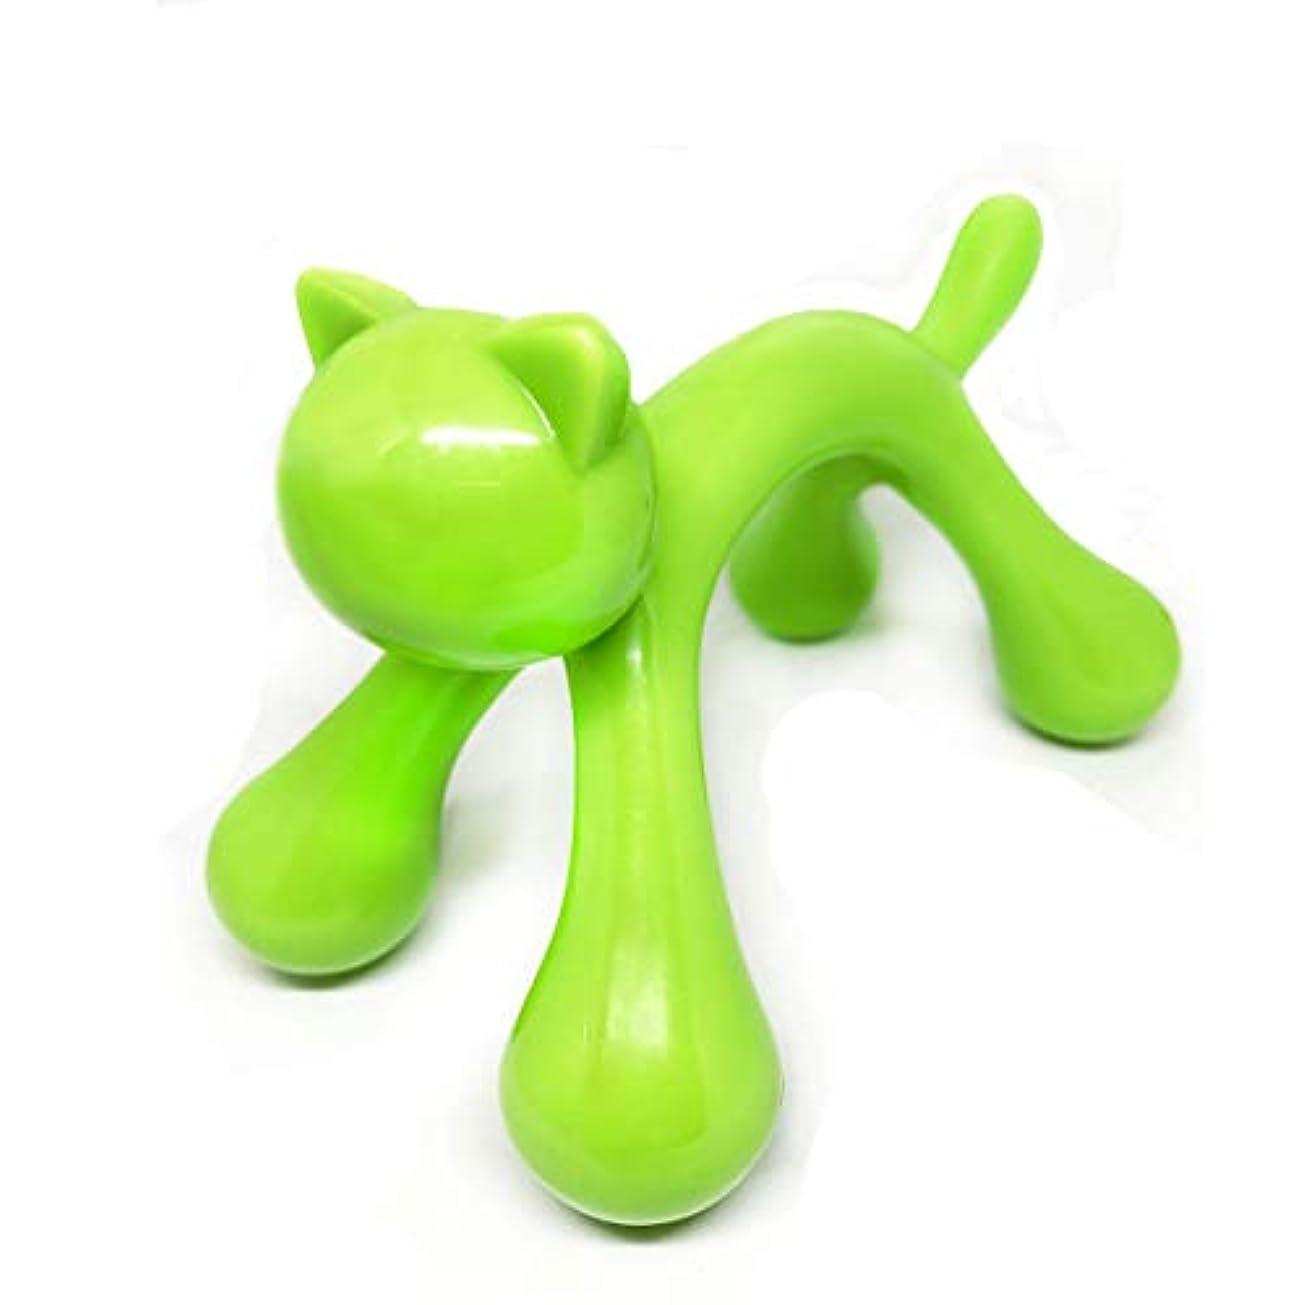 夕食を食べるコイルパスタSuu マッサージ棒 ツボ押し 握りタイプ 背中 首 肩こり等の疲れ解消 可愛いネコ型 (グリーン)